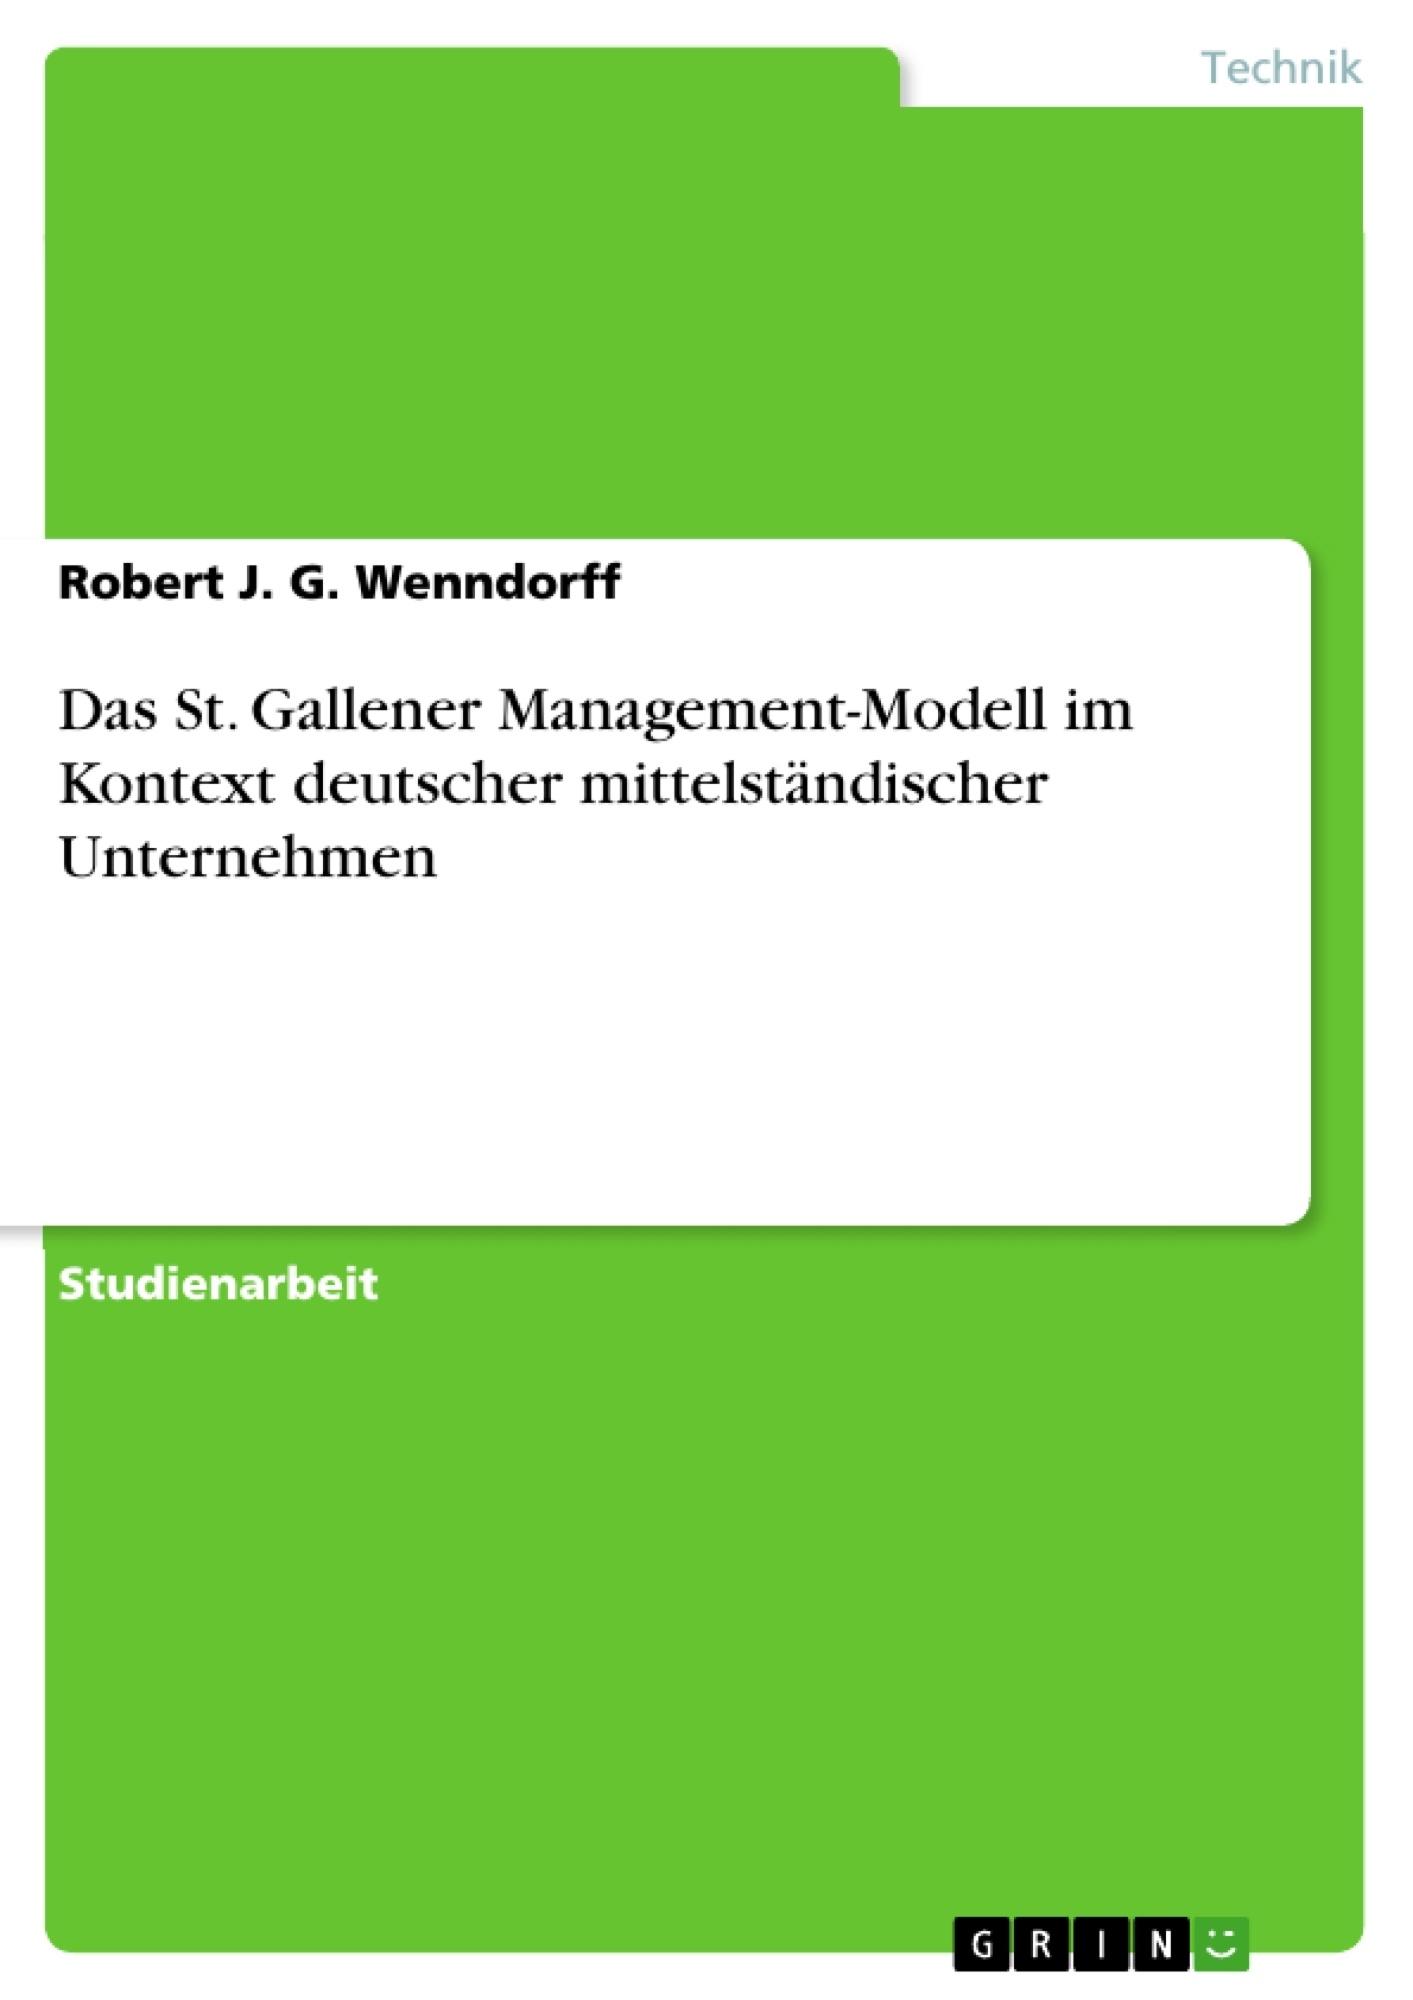 Titel: Das St. Gallener Management-Modell im Kontext deutscher mittelständischer Unternehmen